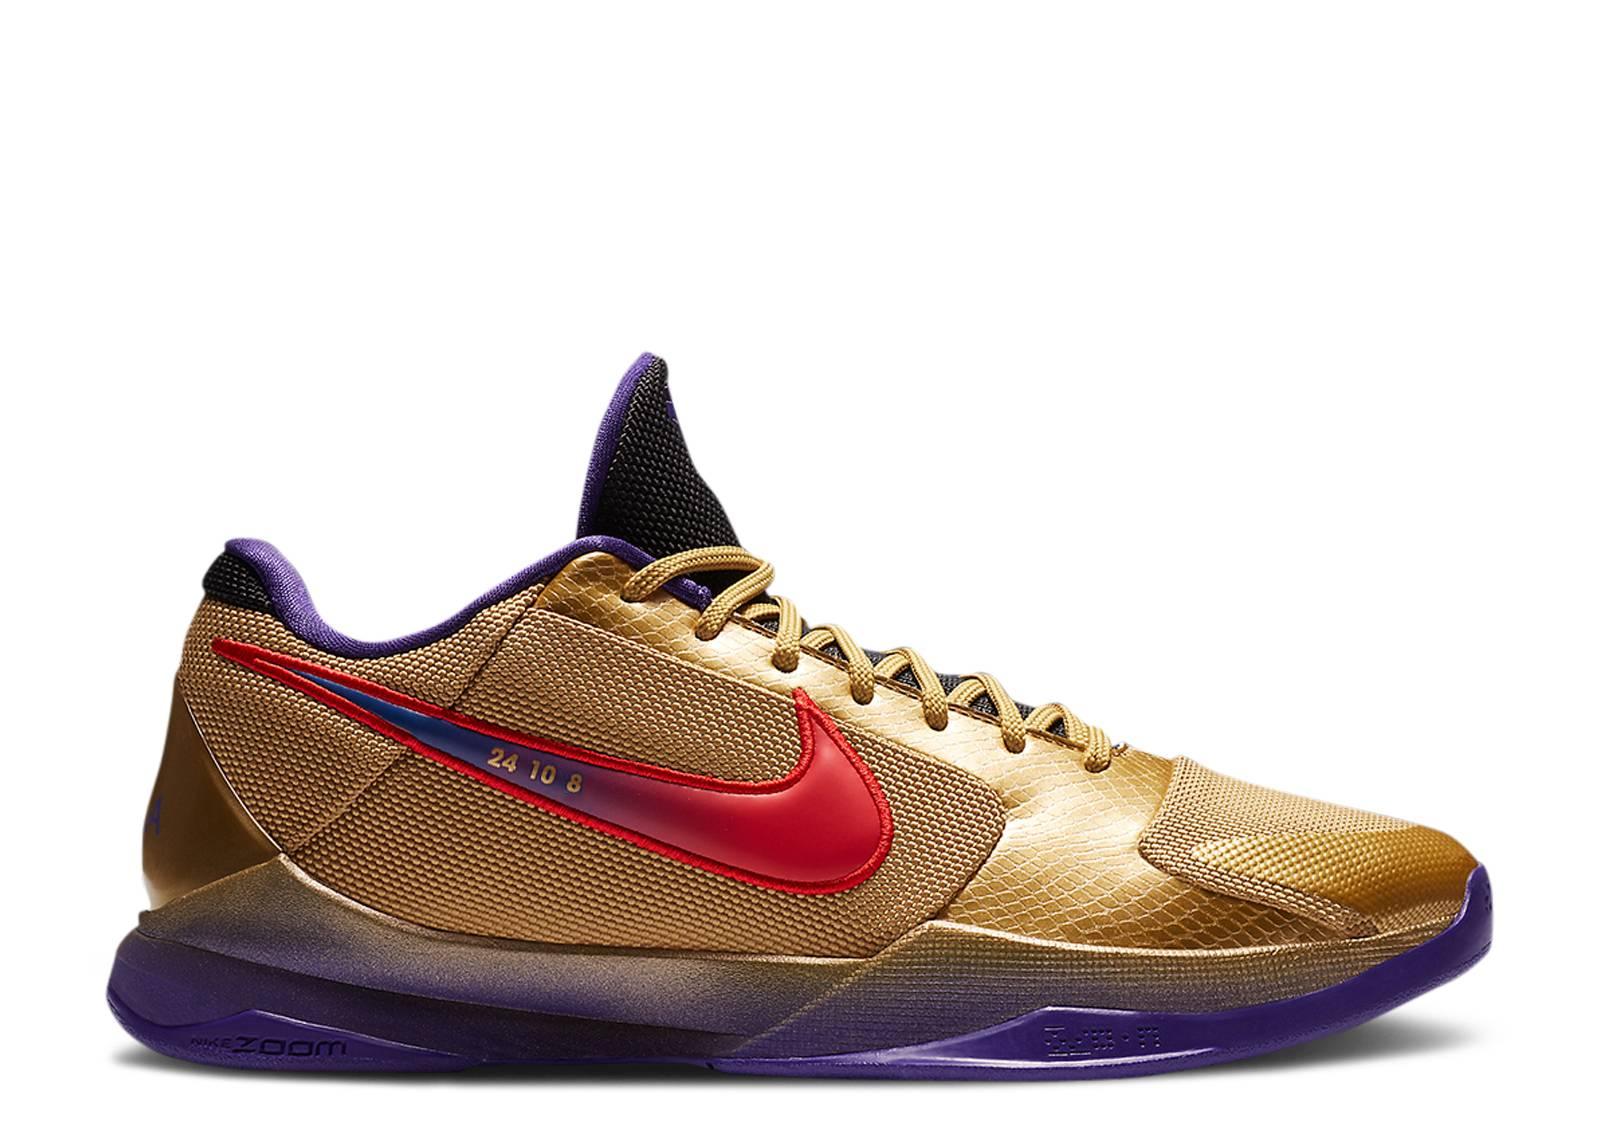 Nike Kobe Bryant Sneakers | Flight Club